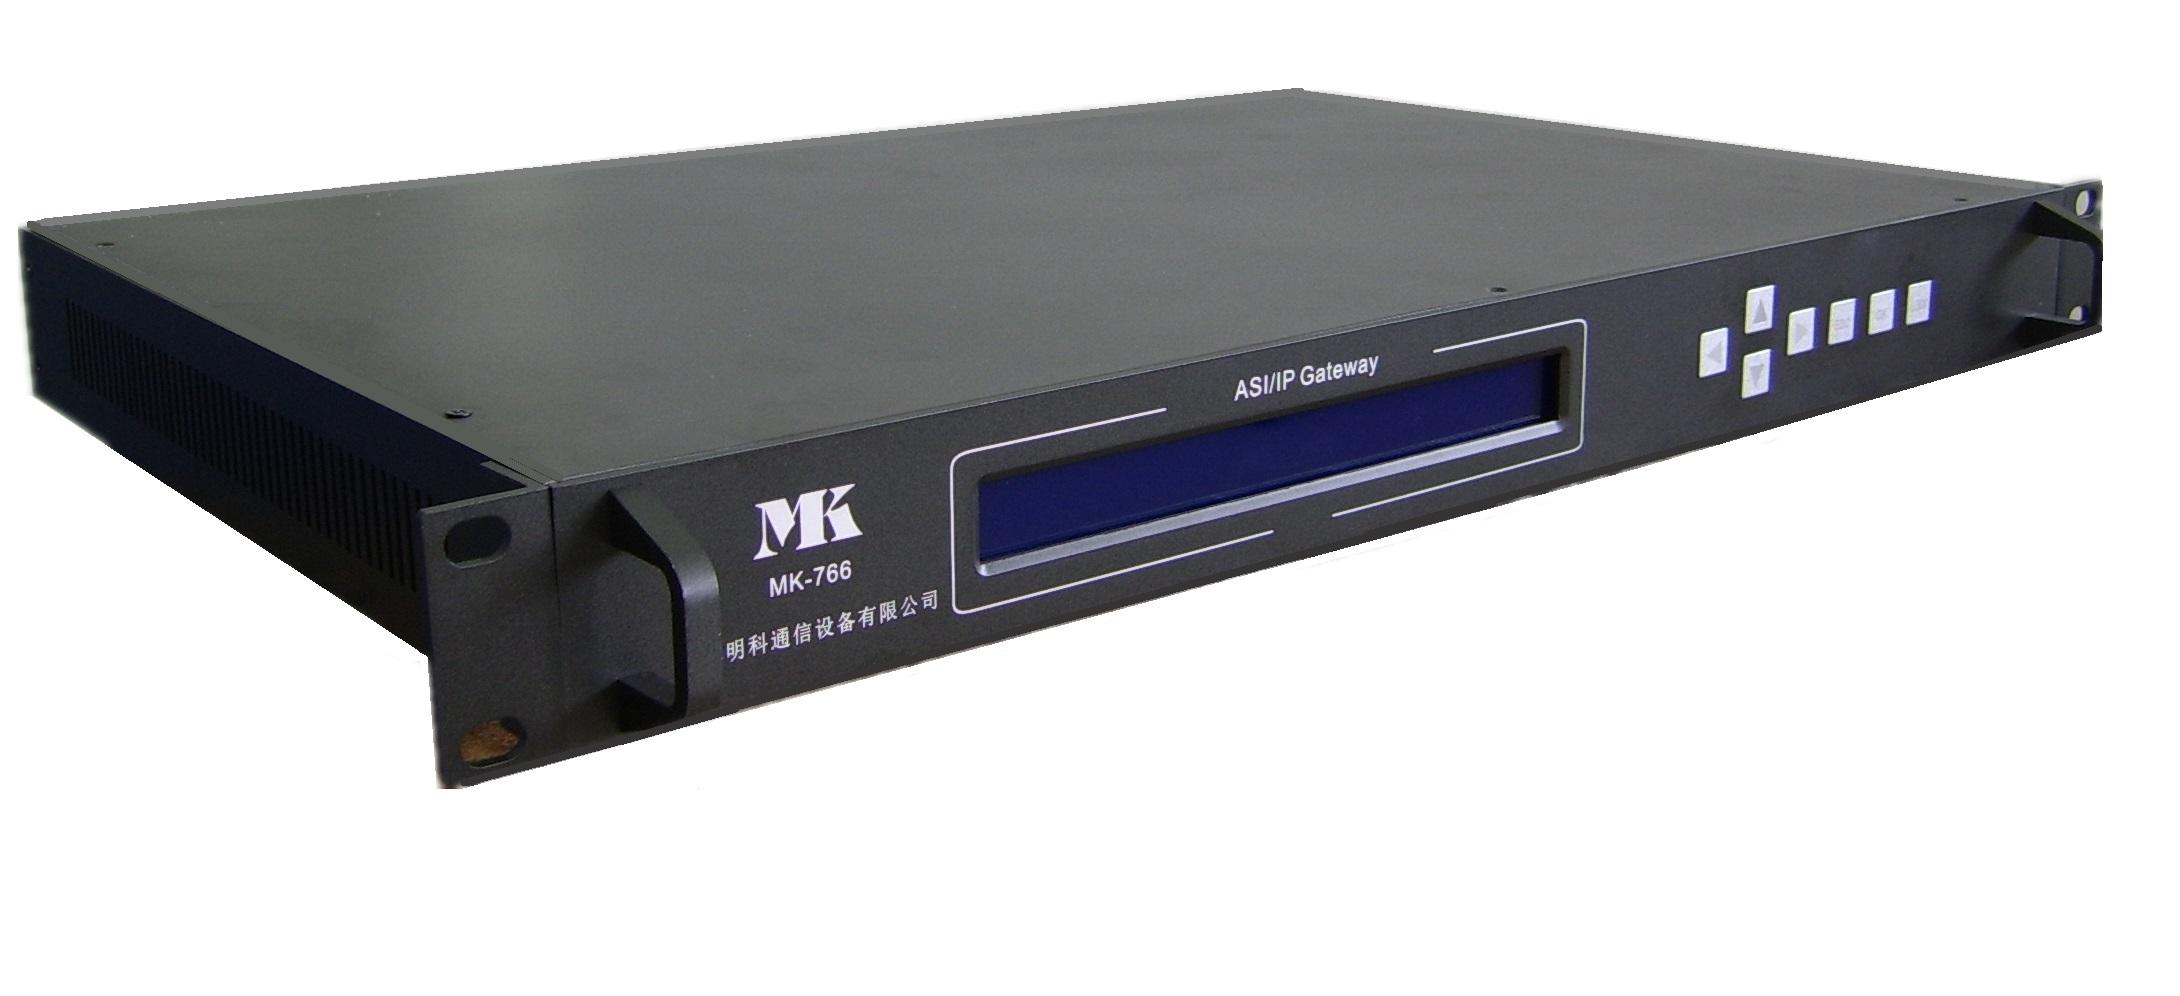 MK766 双向六路ASI/IP网关